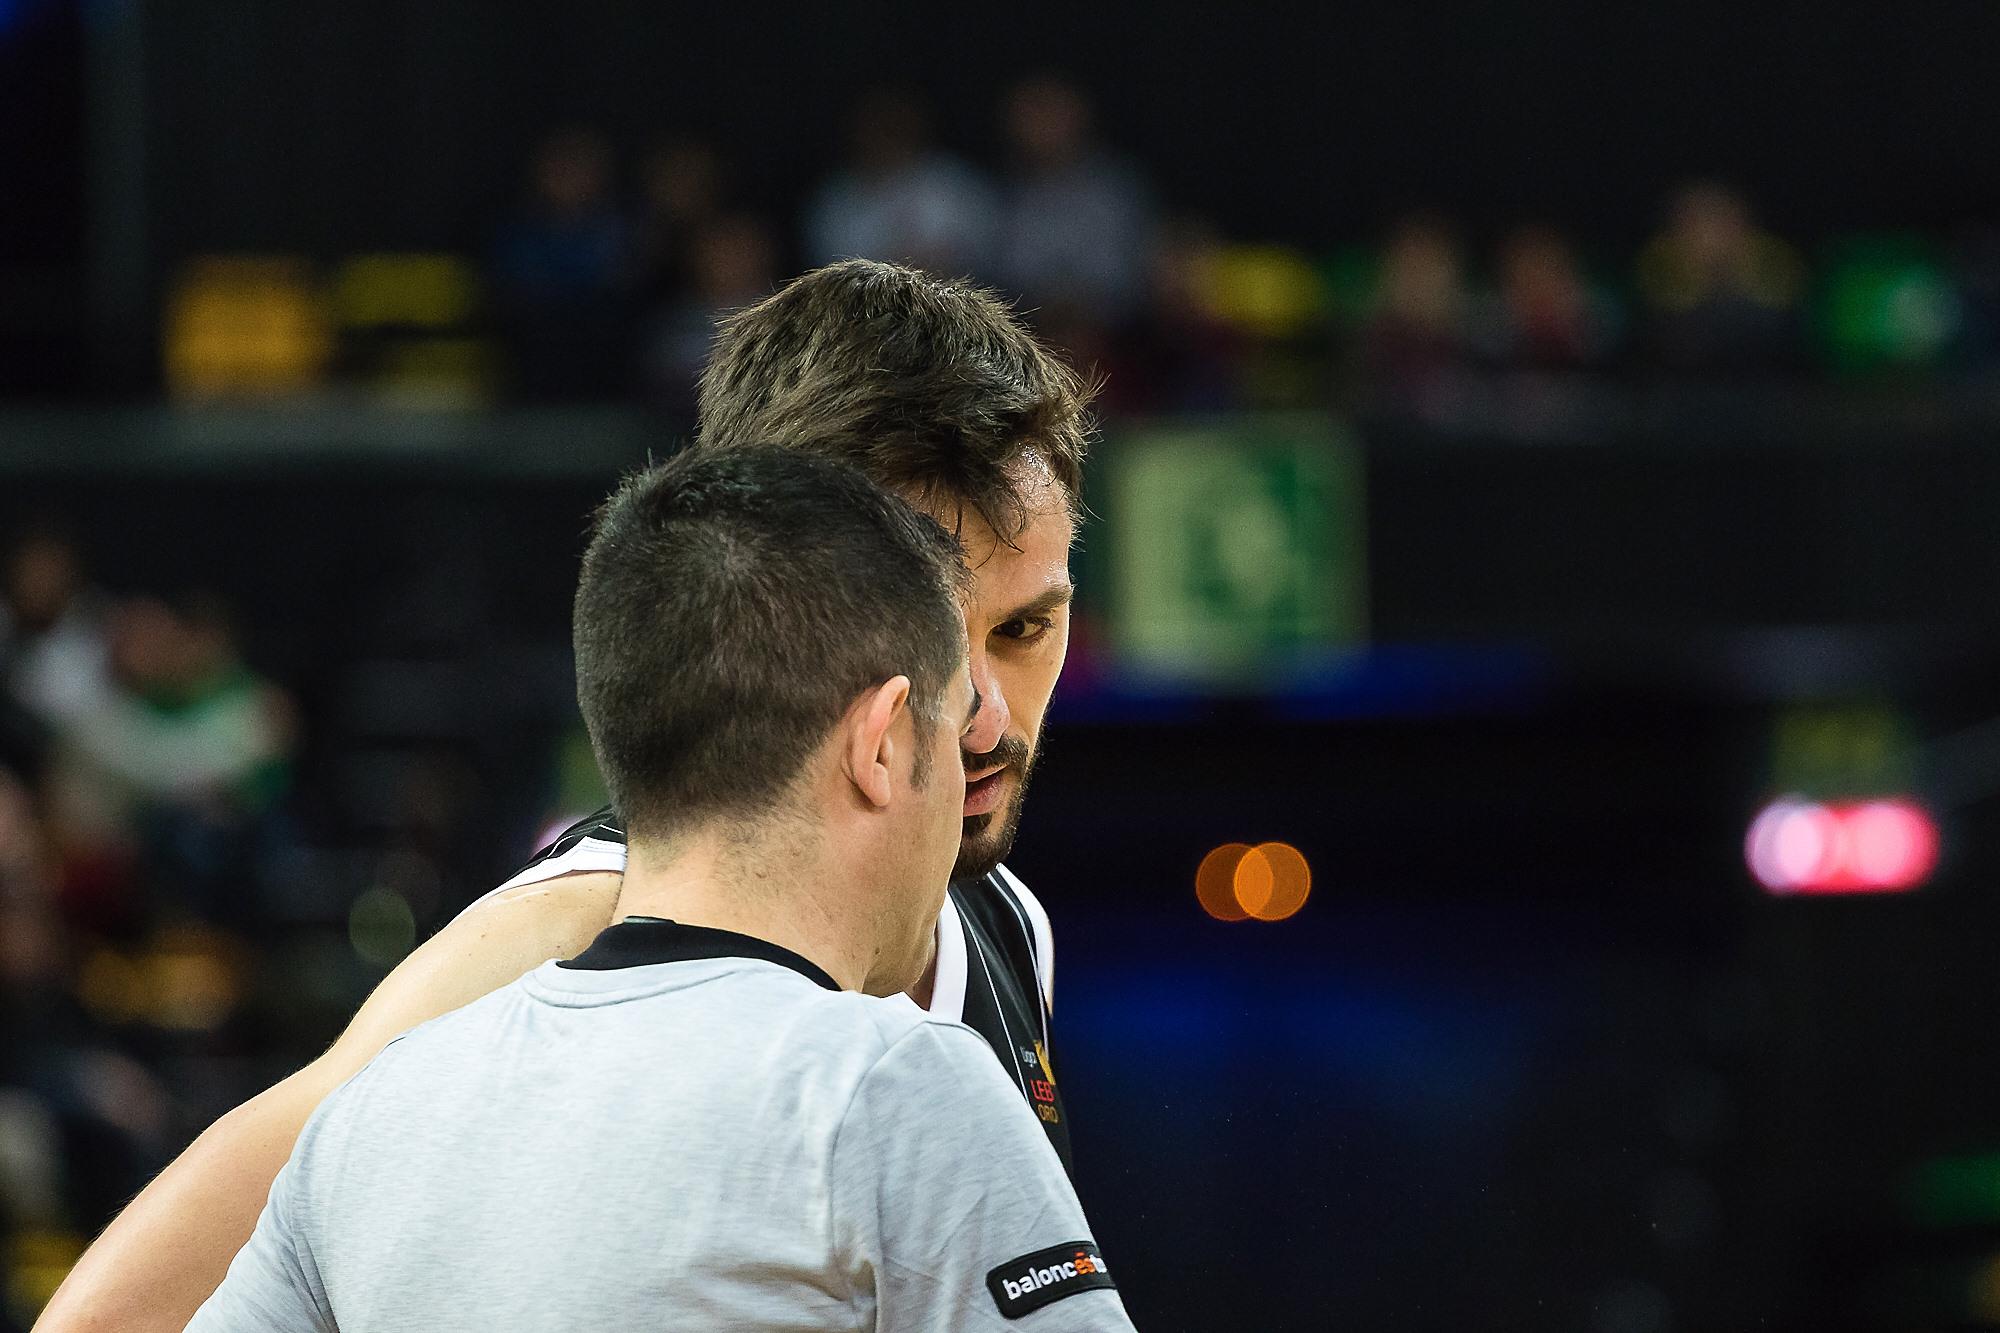 Huertas charla con el árbitro (Foto: Luis Fernando Boo).